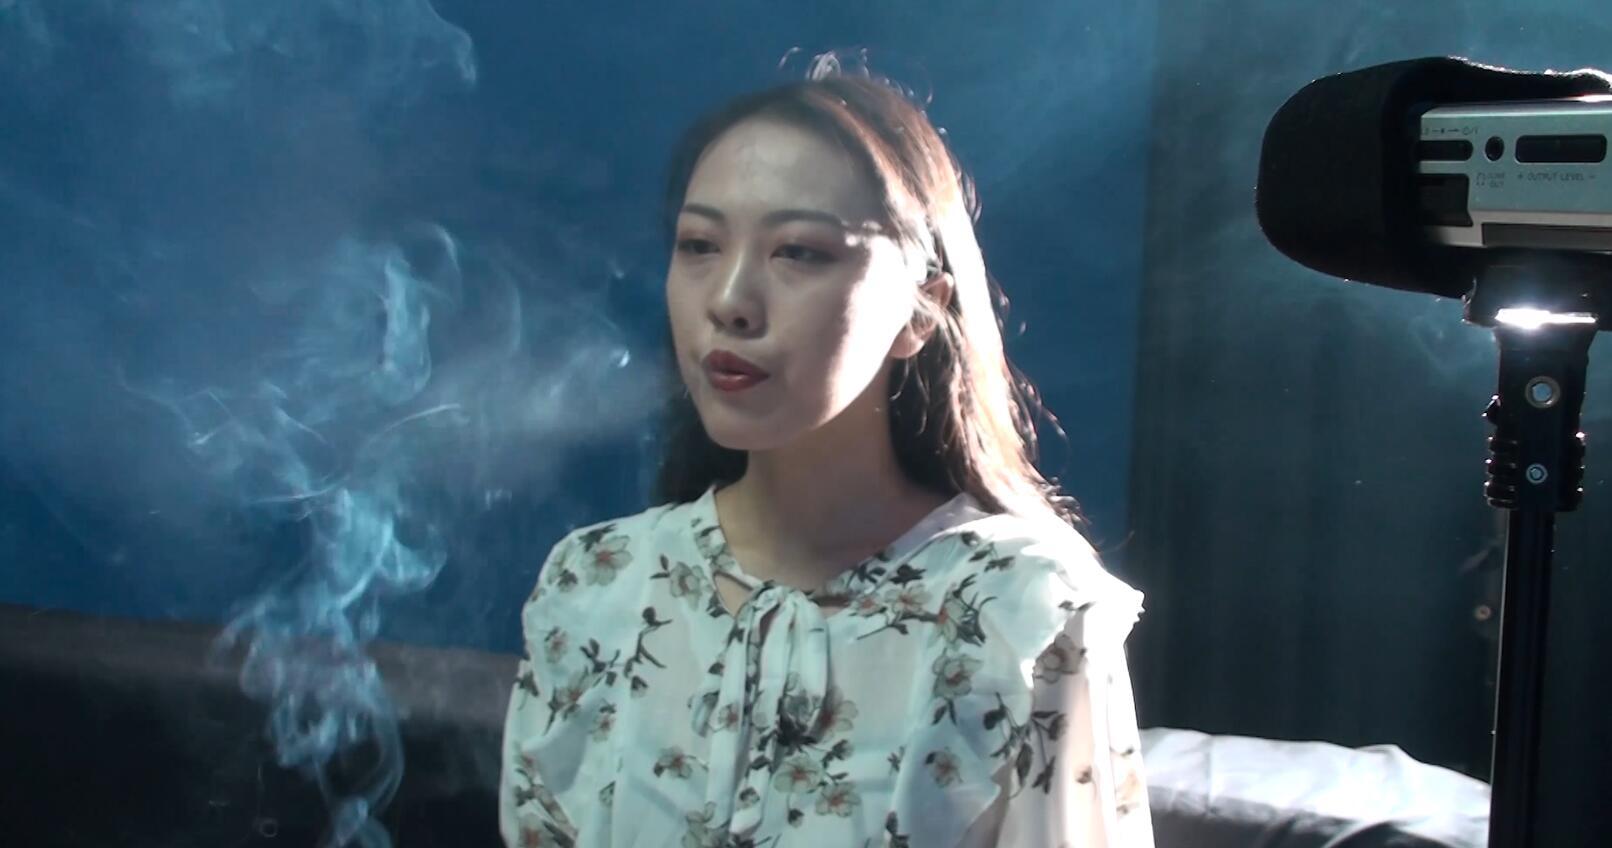 美女小姐姐抽烟视频下载